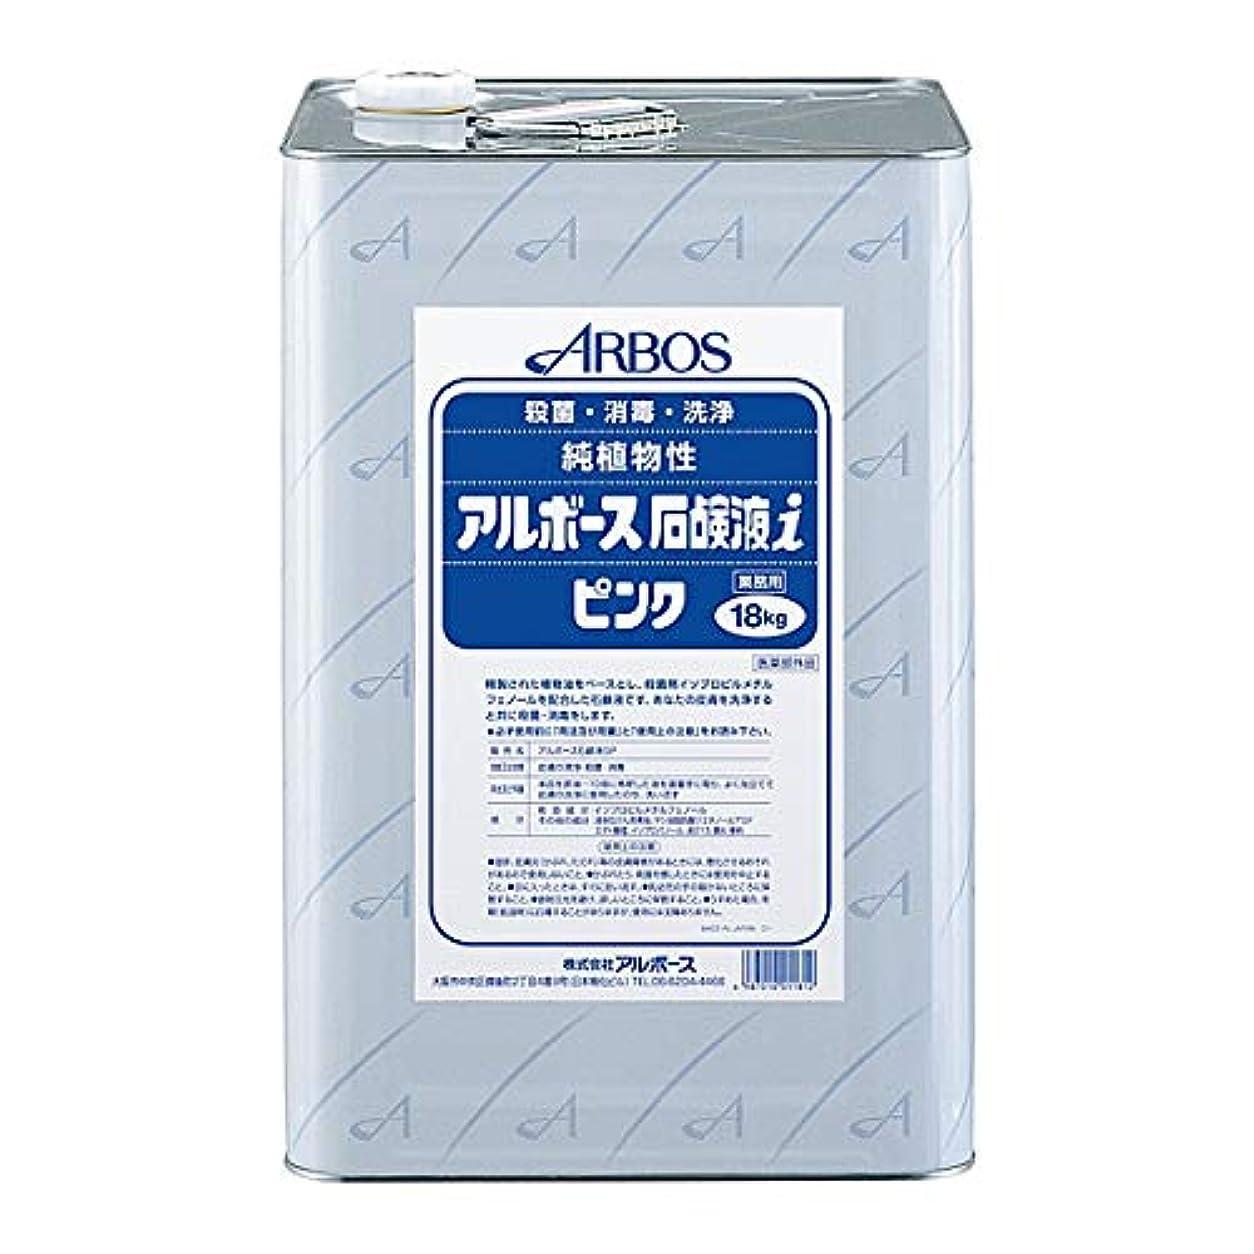 数学製品内陸【清潔キレイ館】アルボース石鹸液i ピンク(18L)+つめブラシ1個 オマケ付